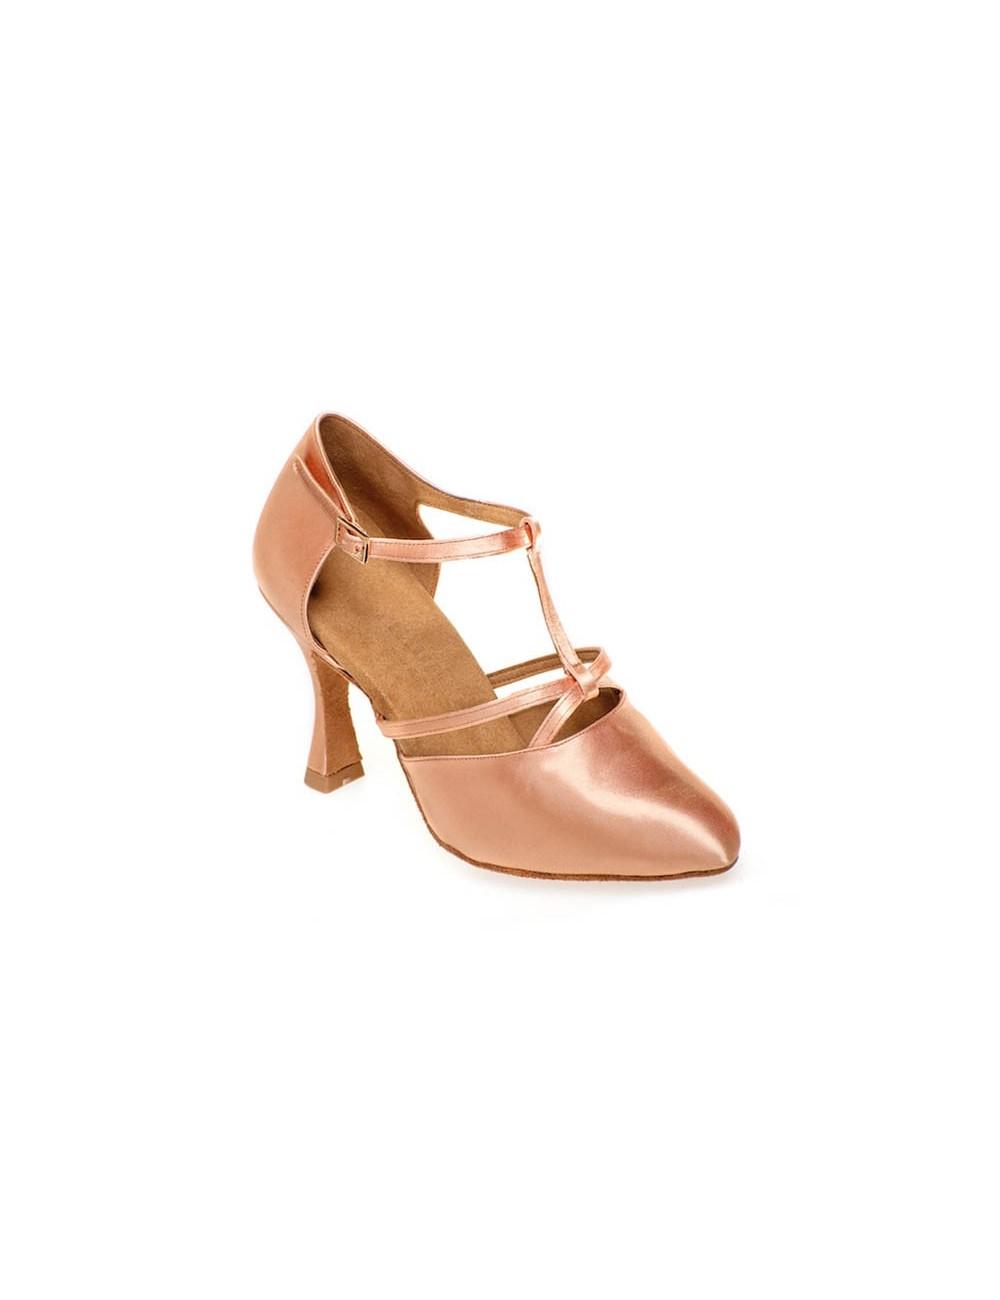 salsa en piel natural la de de ofreciendo similar cerrada al Zapatos con Fabricado clásicos totalmente color profesional punta artesanalmente modelo de un Ox5w8w